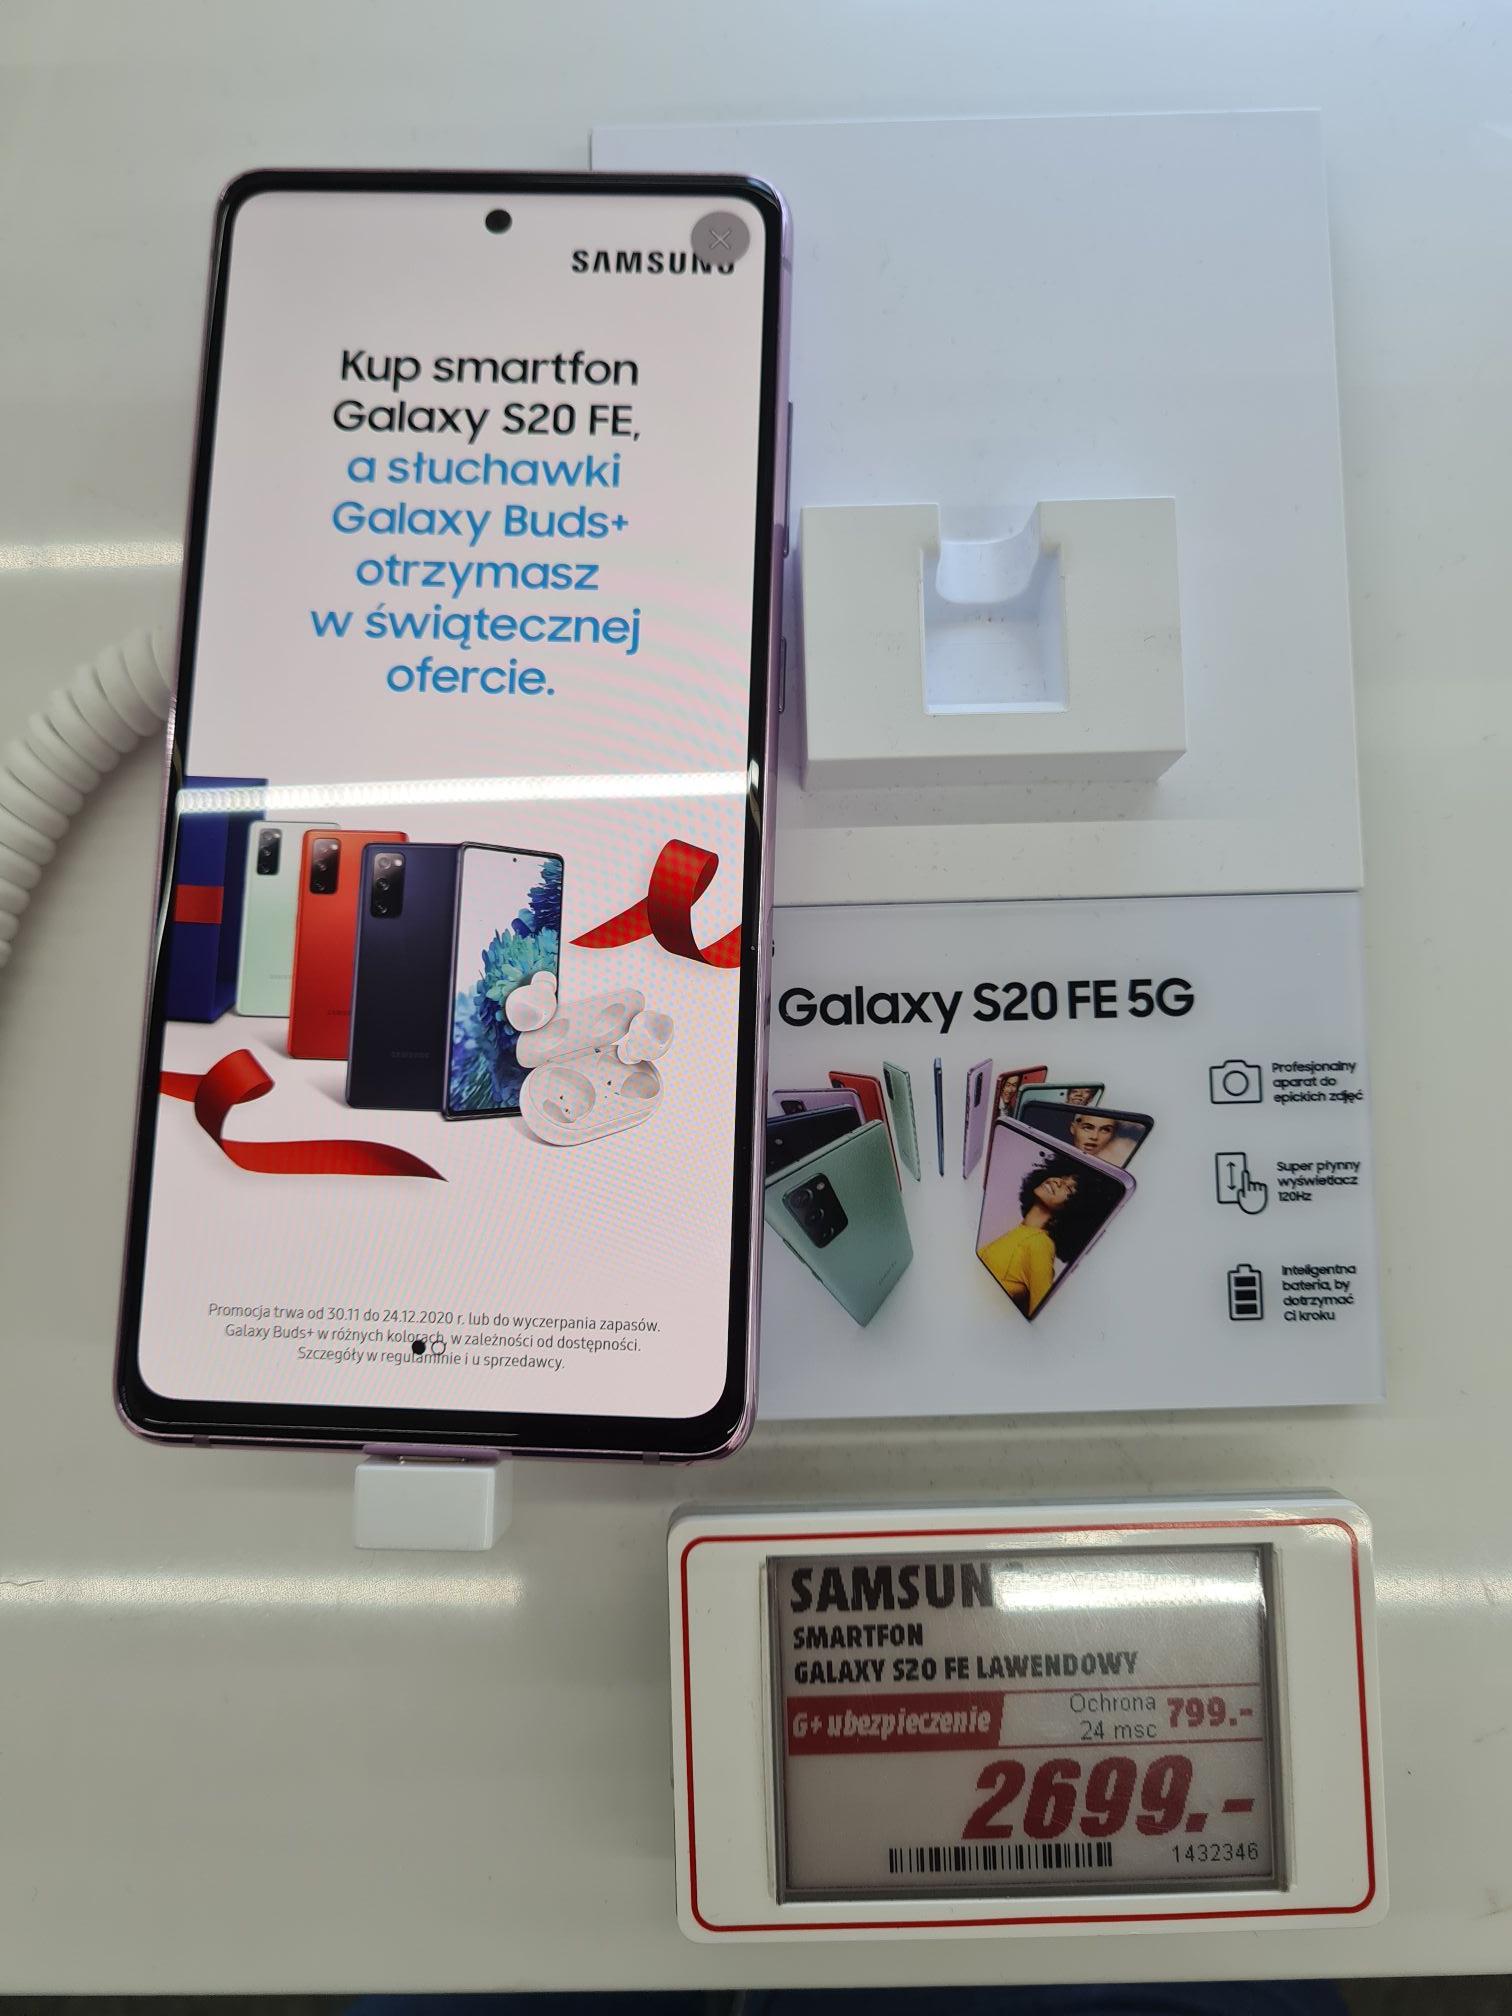 Samsung Galaxy S20FE 200 zł taniej + Galaxy Buds+ + karta podarunkowa o wartości 250 zł